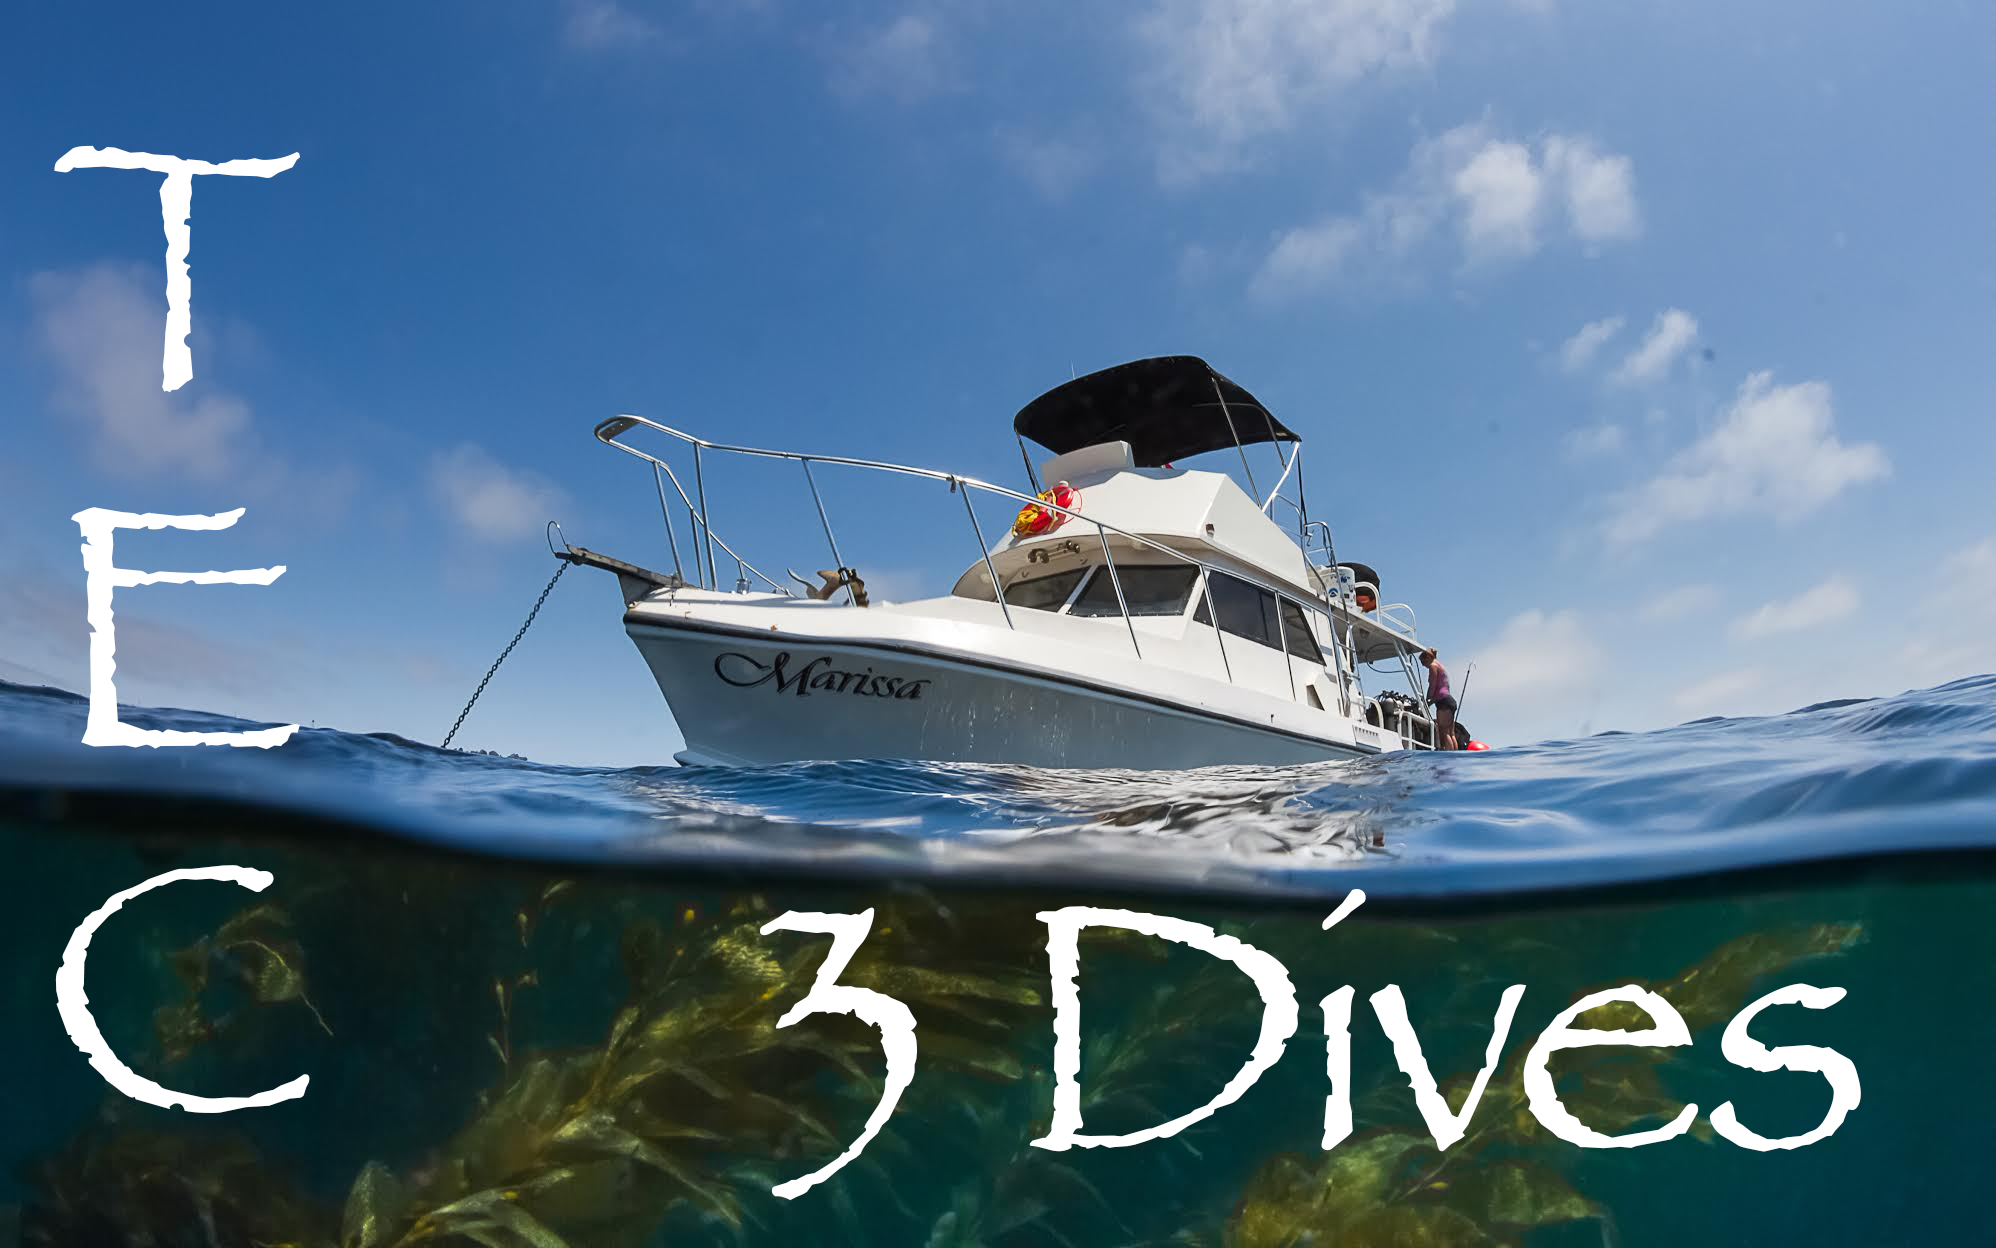 Marissa Charters 3 Tec Dives